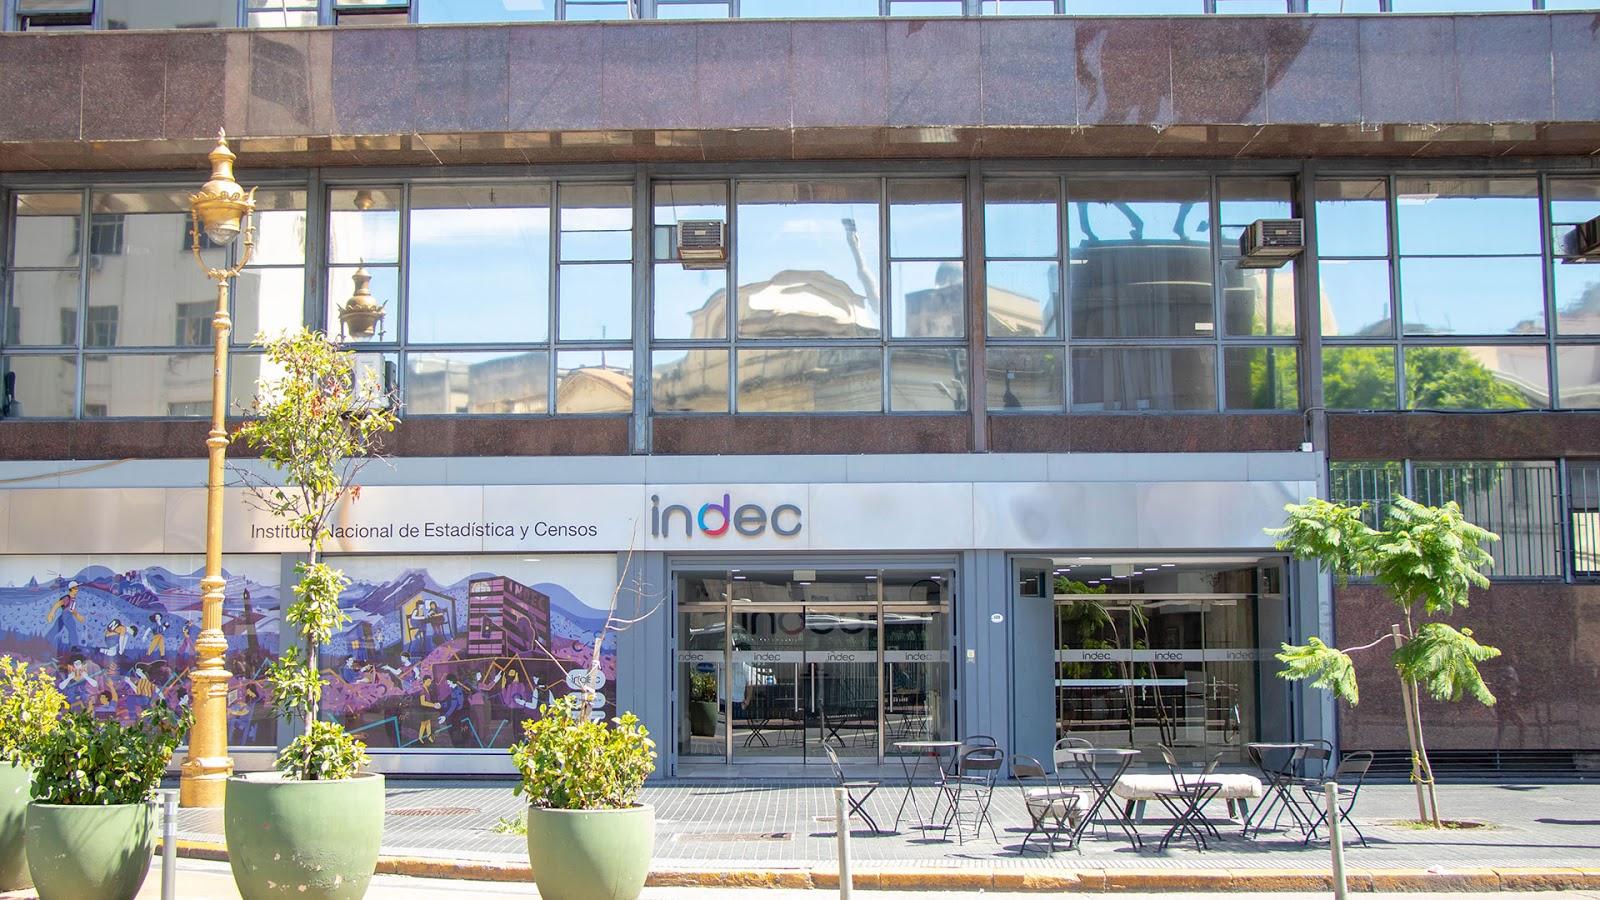 INDEC - Inflacion del 2,7% para el mes de junio